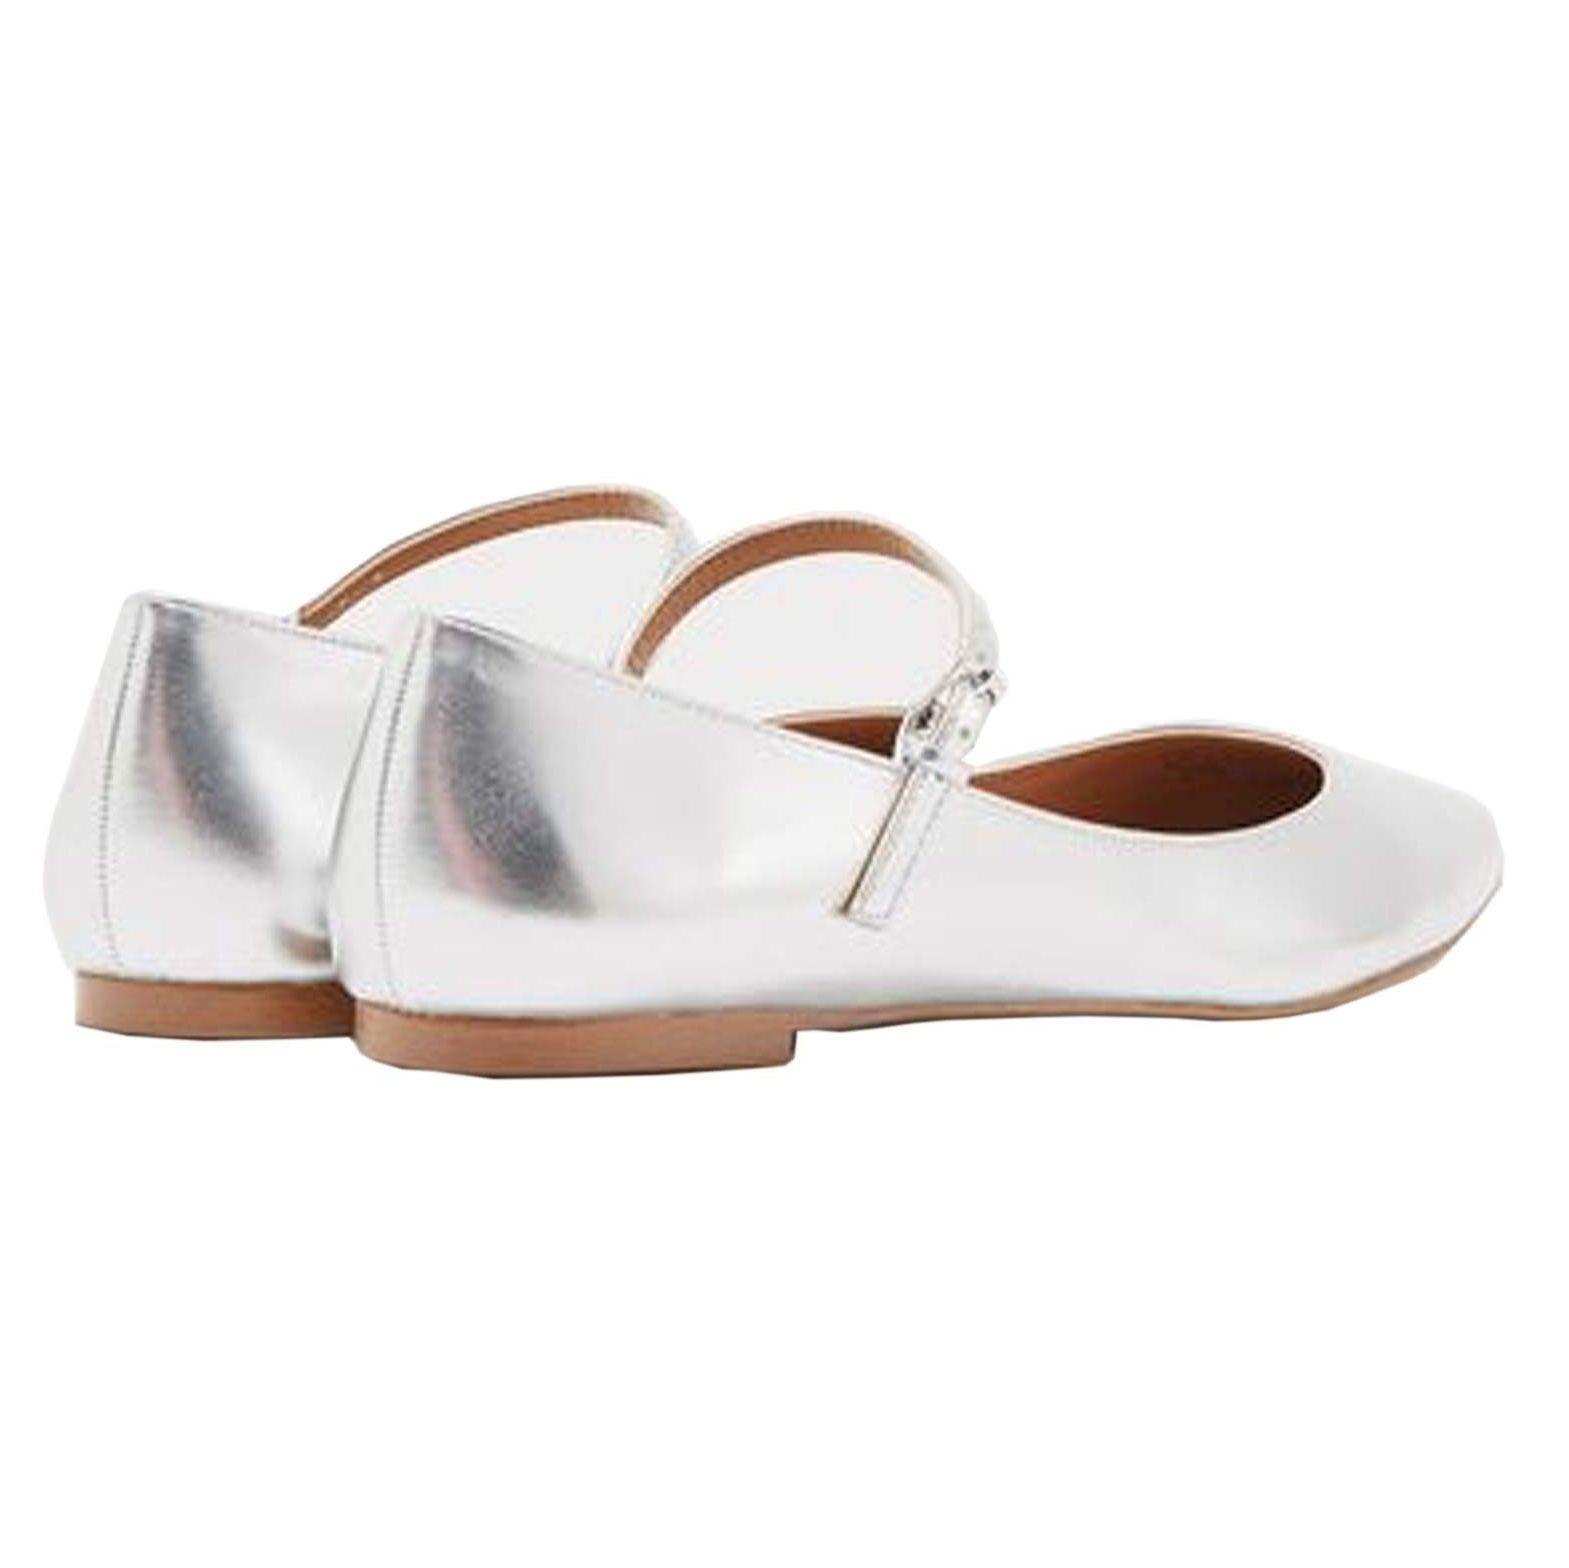 کفش تخت زنانه ویولتا بای مانگو Fani - نقرهاي - 2